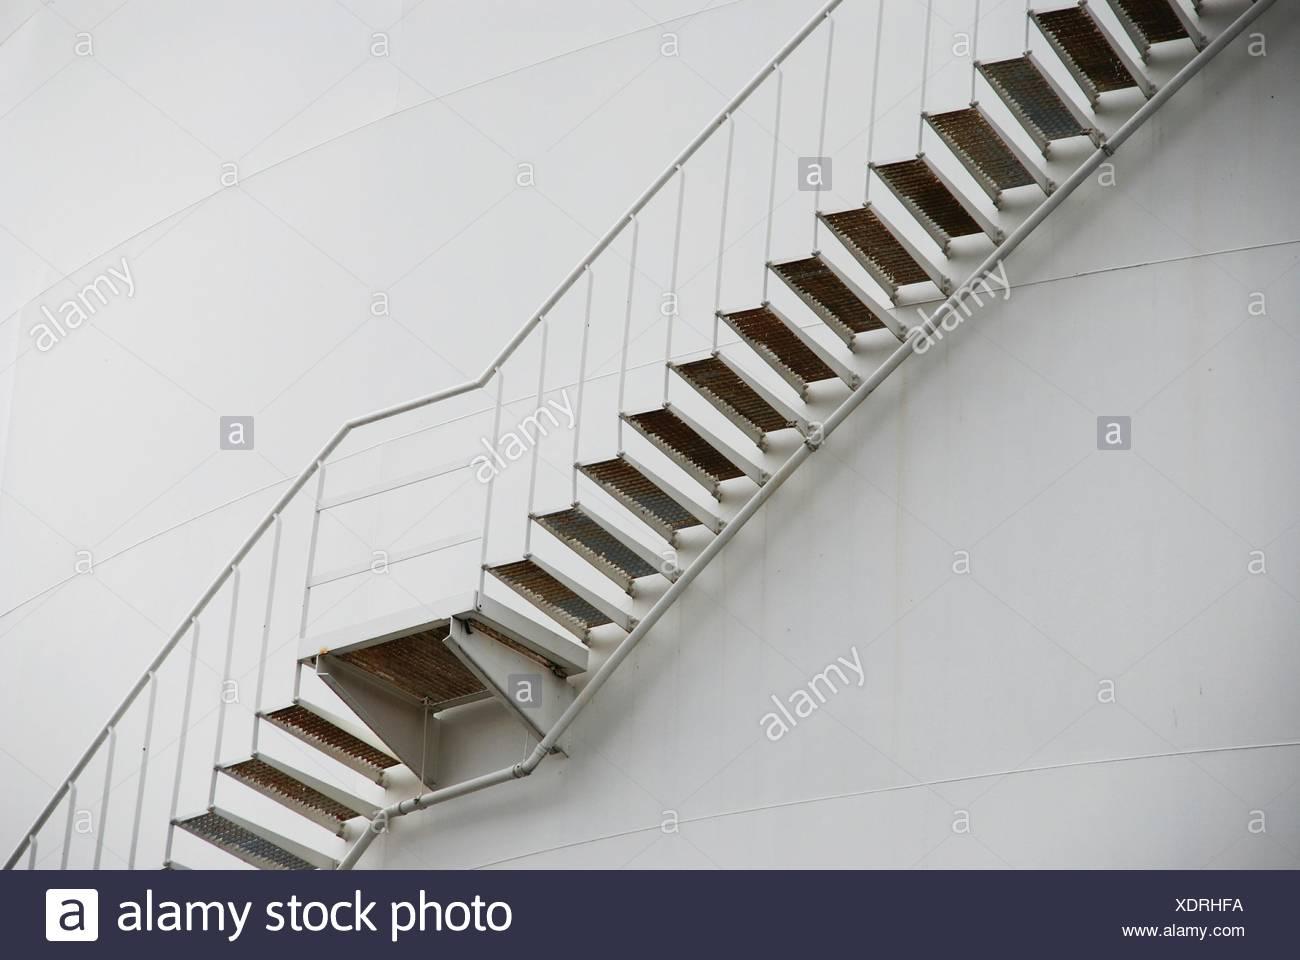 Ángulo de visión baja de escaleras contra la pared Imagen De Stock